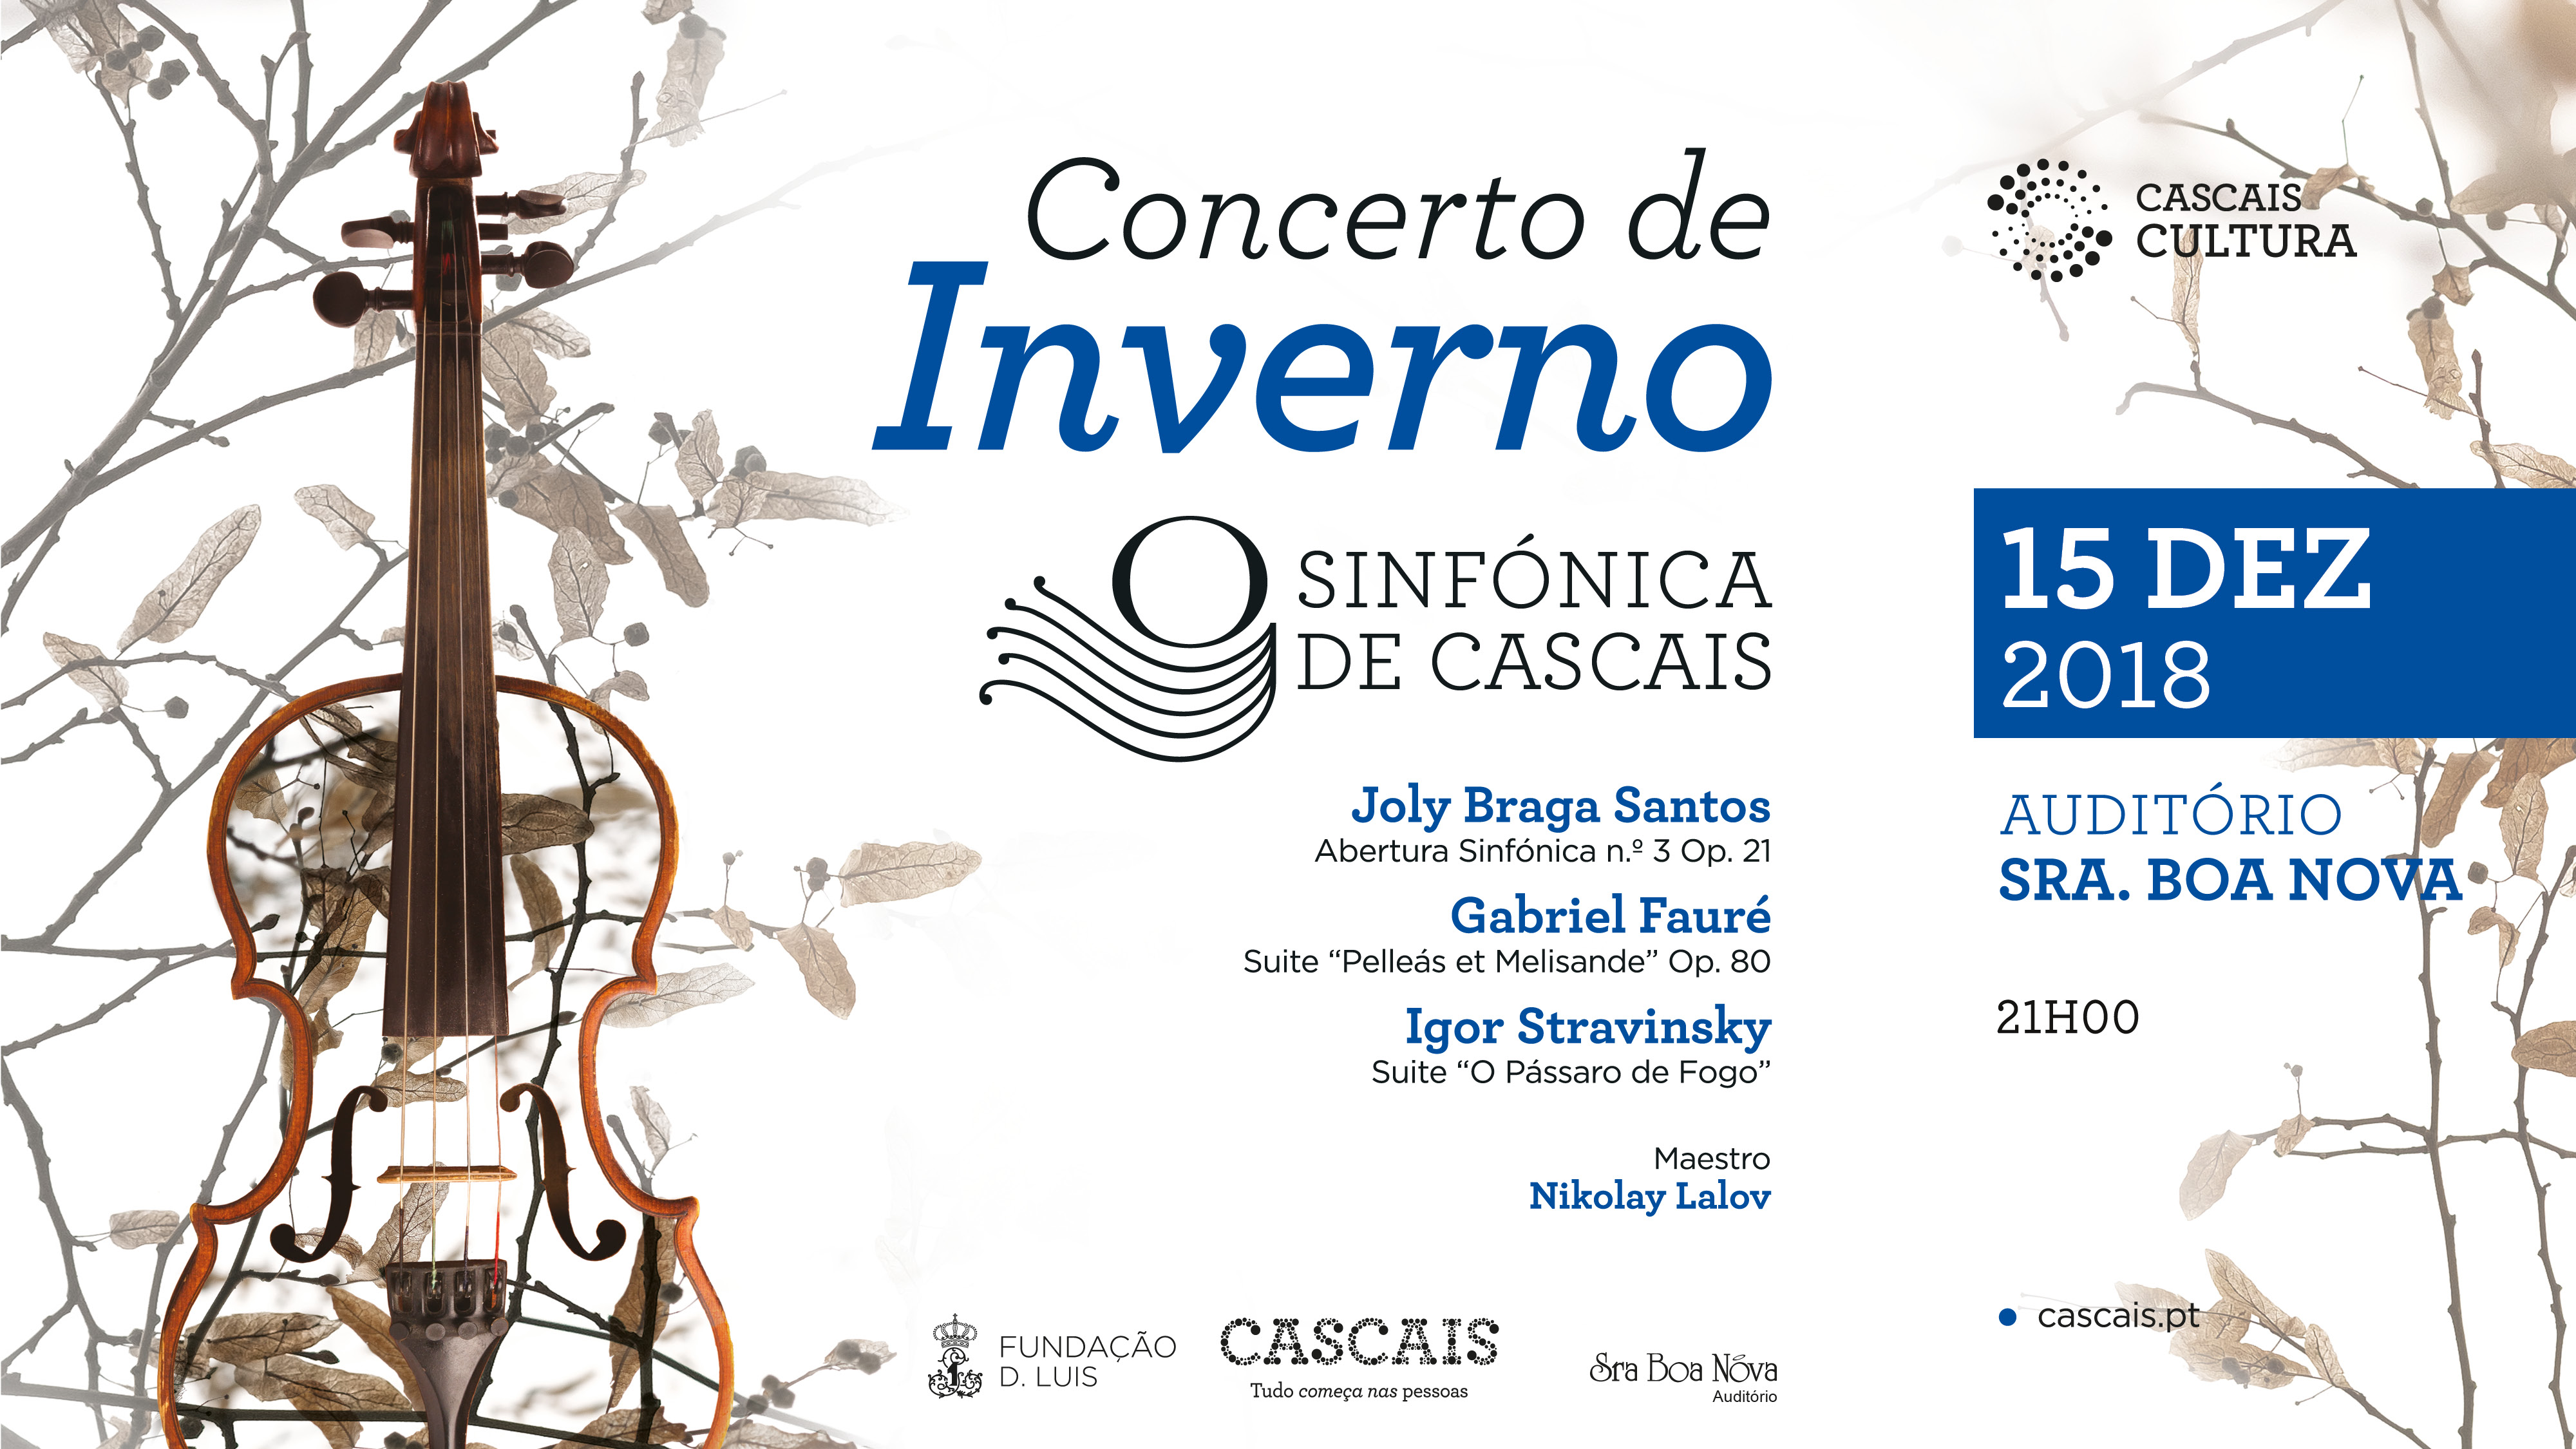 Sinfónica Cascais   Concerto de Inverno